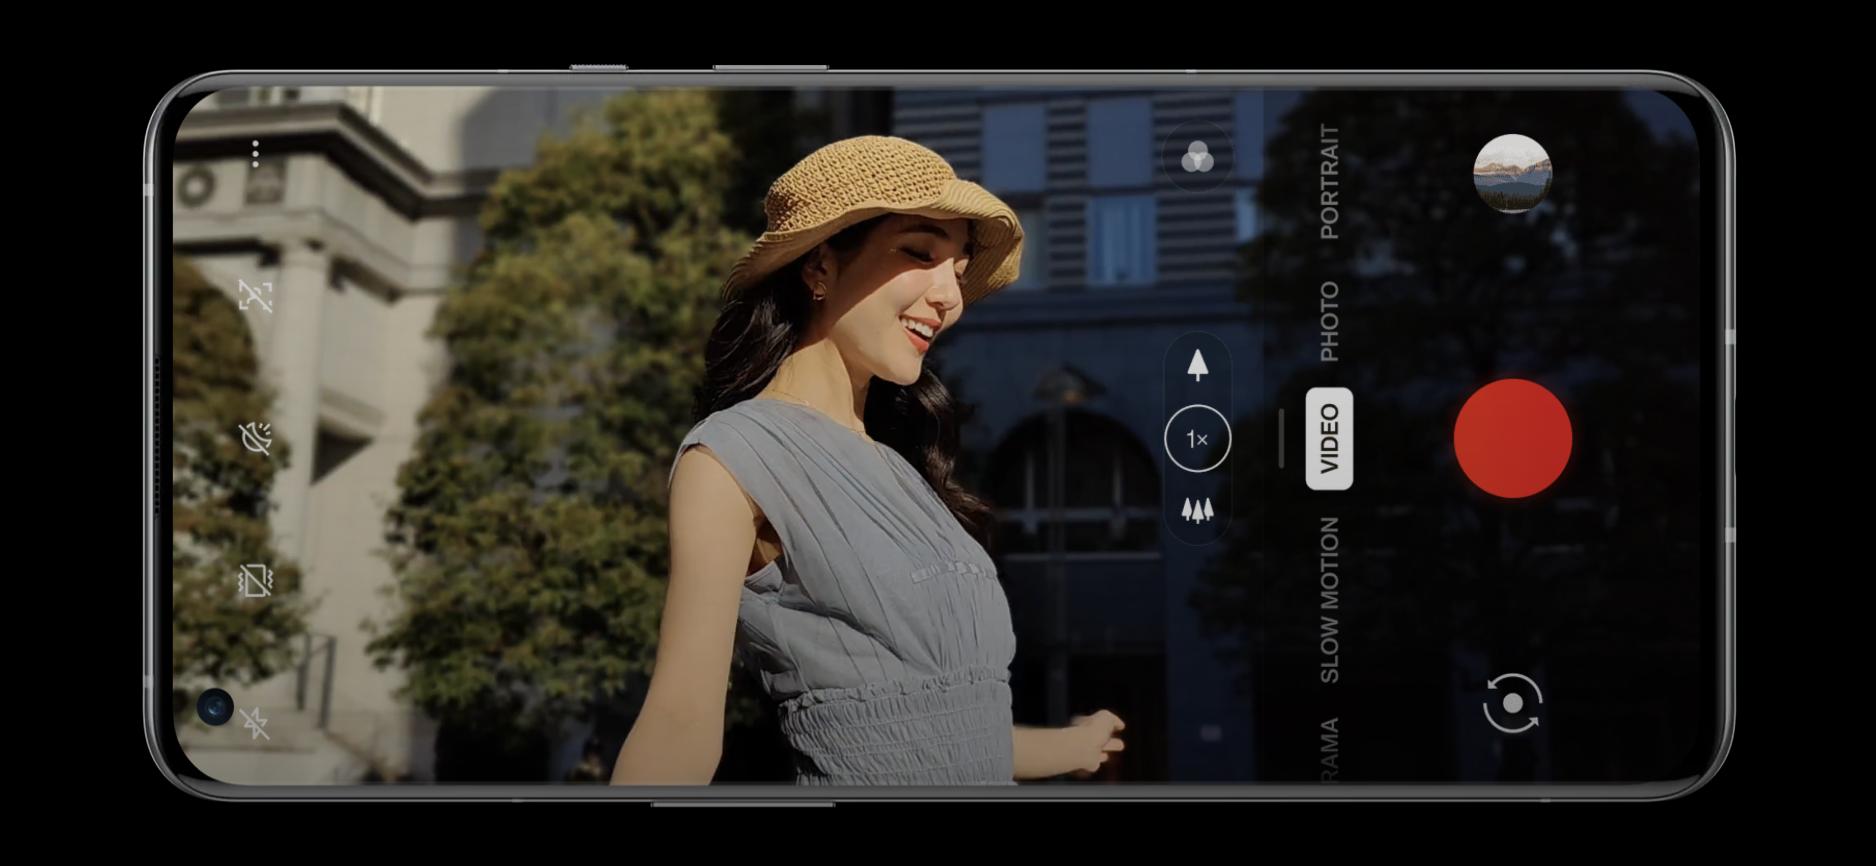 OnePlus 9 -puhelimet tukevat jopa 8K-tarkkuuden videokuvausta.